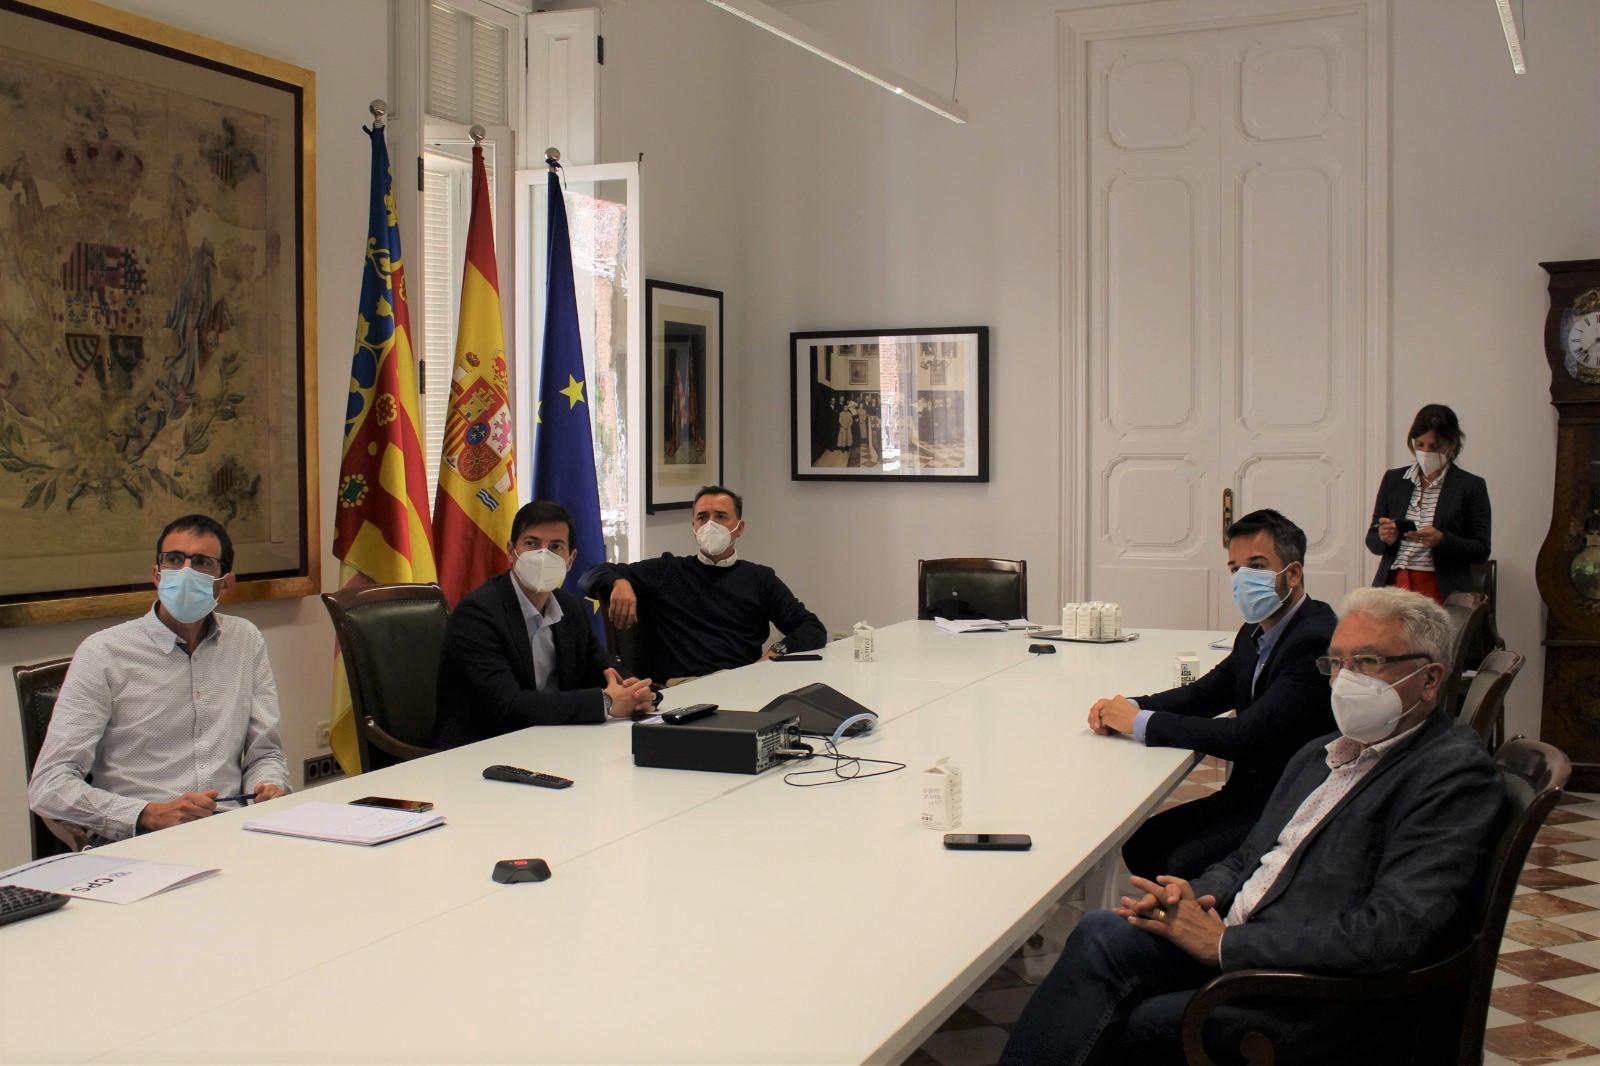 La Diputación de València presenta una propuesta para solucionar la congestión de tráfico en el puente y la rotonda de Loriguilla